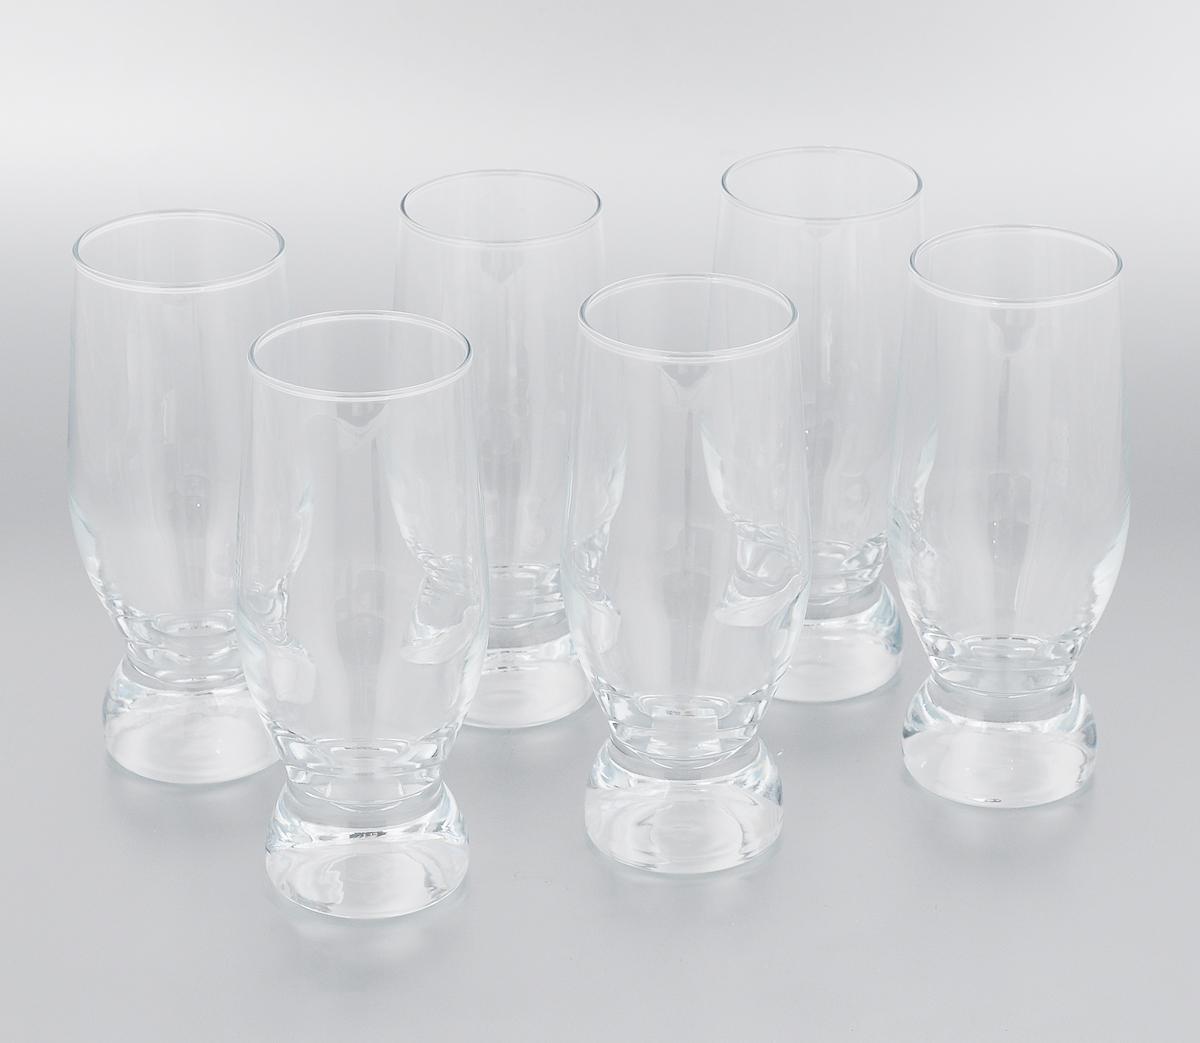 Набор стаканов Pasabahce Aquatic, 265 мл, 6 шт42978/Набор Pasabahce Aquatic состоит из 6 стаканов, выполненных из прочного натрий-кальций-силикатного стекла, которое выдерживает нагрев до 70°С. Стильный лаконичный дизайн, роскошный внешний вид и несравненное качество сделают их великолепным украшением стола. Подходят для мытья в посудомоечной машине. Можно использовать в микроволновой печи и для хранения пищи в холодильнике. Диаметр (по верхнему краю): 5,5 см. Высота стакана: 15 см.